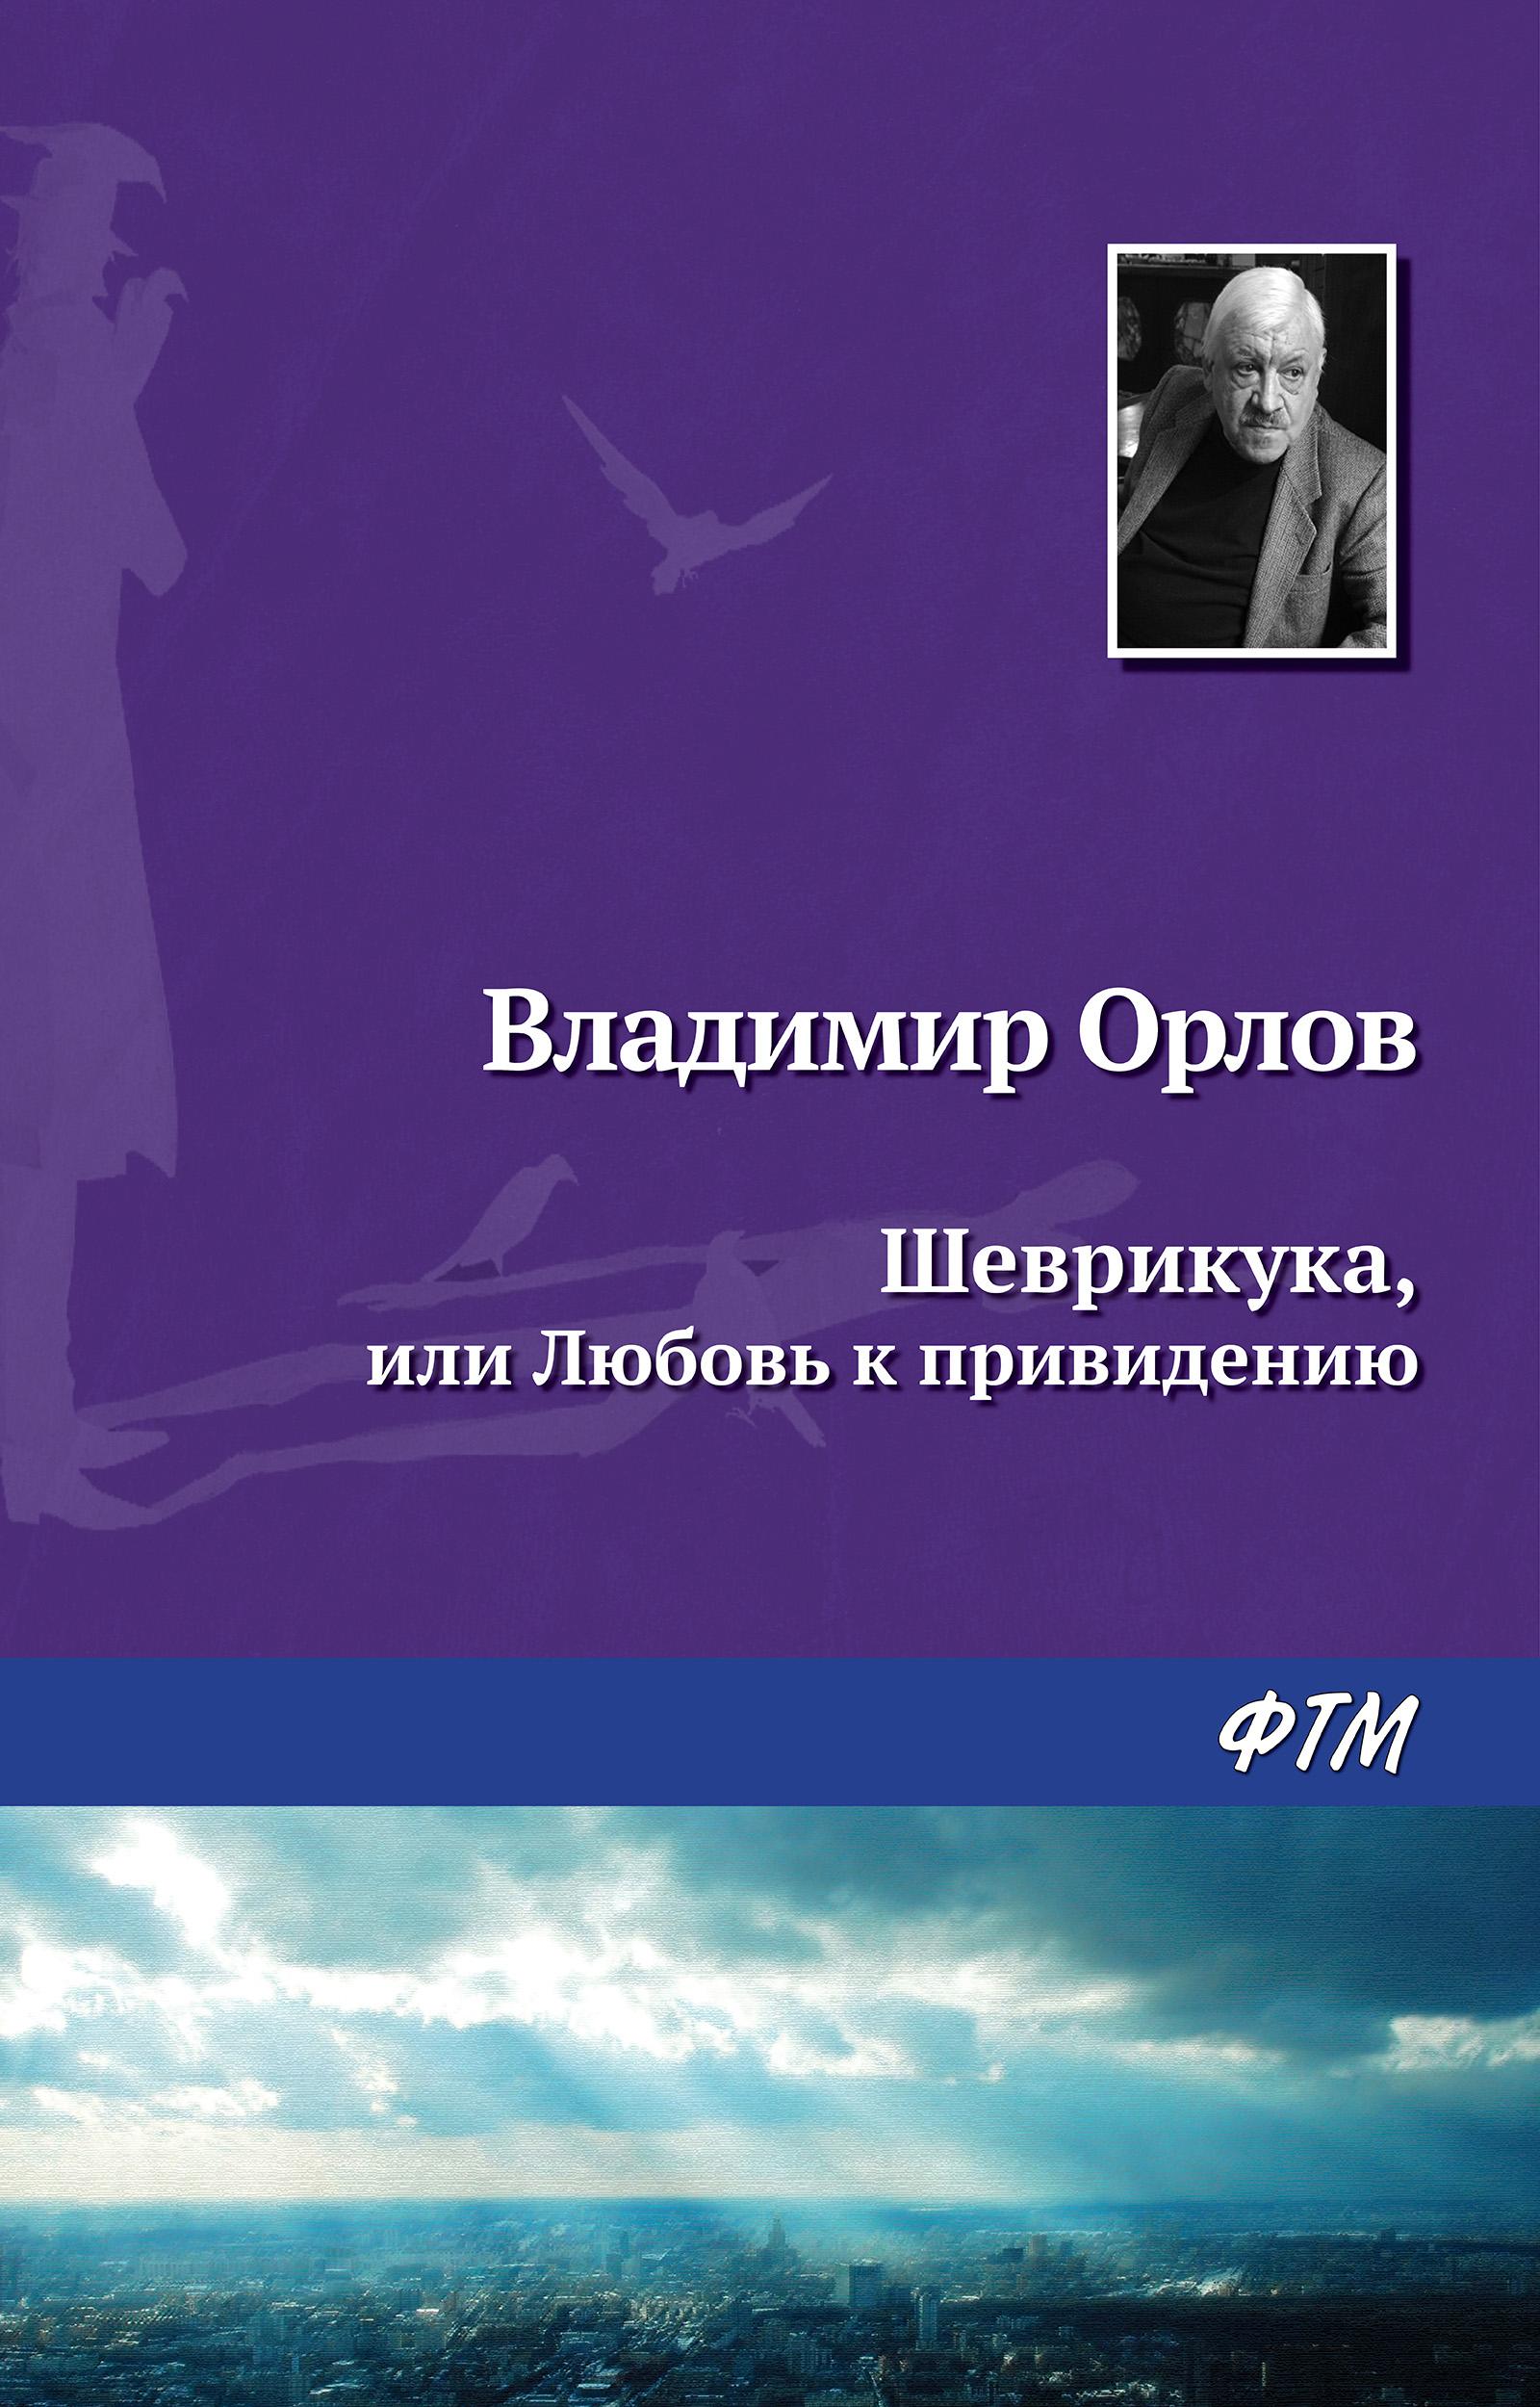 Владимир Орлов «Шеврикука, или Любовь к привидению»